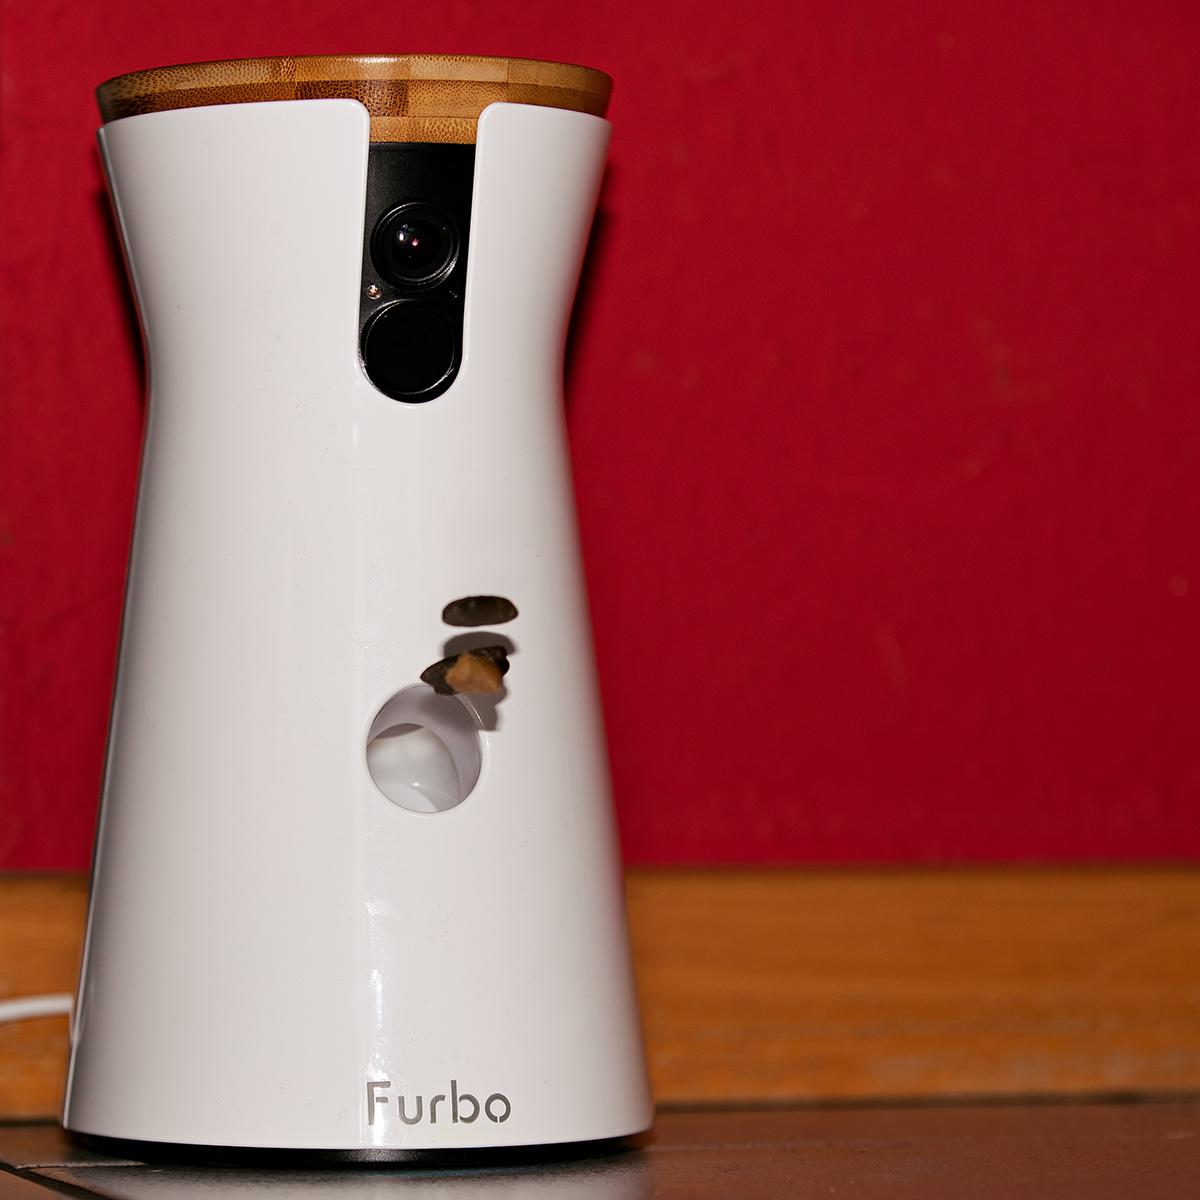 Furbo sieht aus wie eine Tulpenvase mit Deckel, kann aber einiges mehr. In einem 160 Grad Winkel überwacht Furbo den Raum. Über eine App könnt ihr ihre Aufnahmen sehen. Egal, wo ihre gerade seid. Hier wirft der kleine Schacht unten gerade ein paar Leckerchen aus.